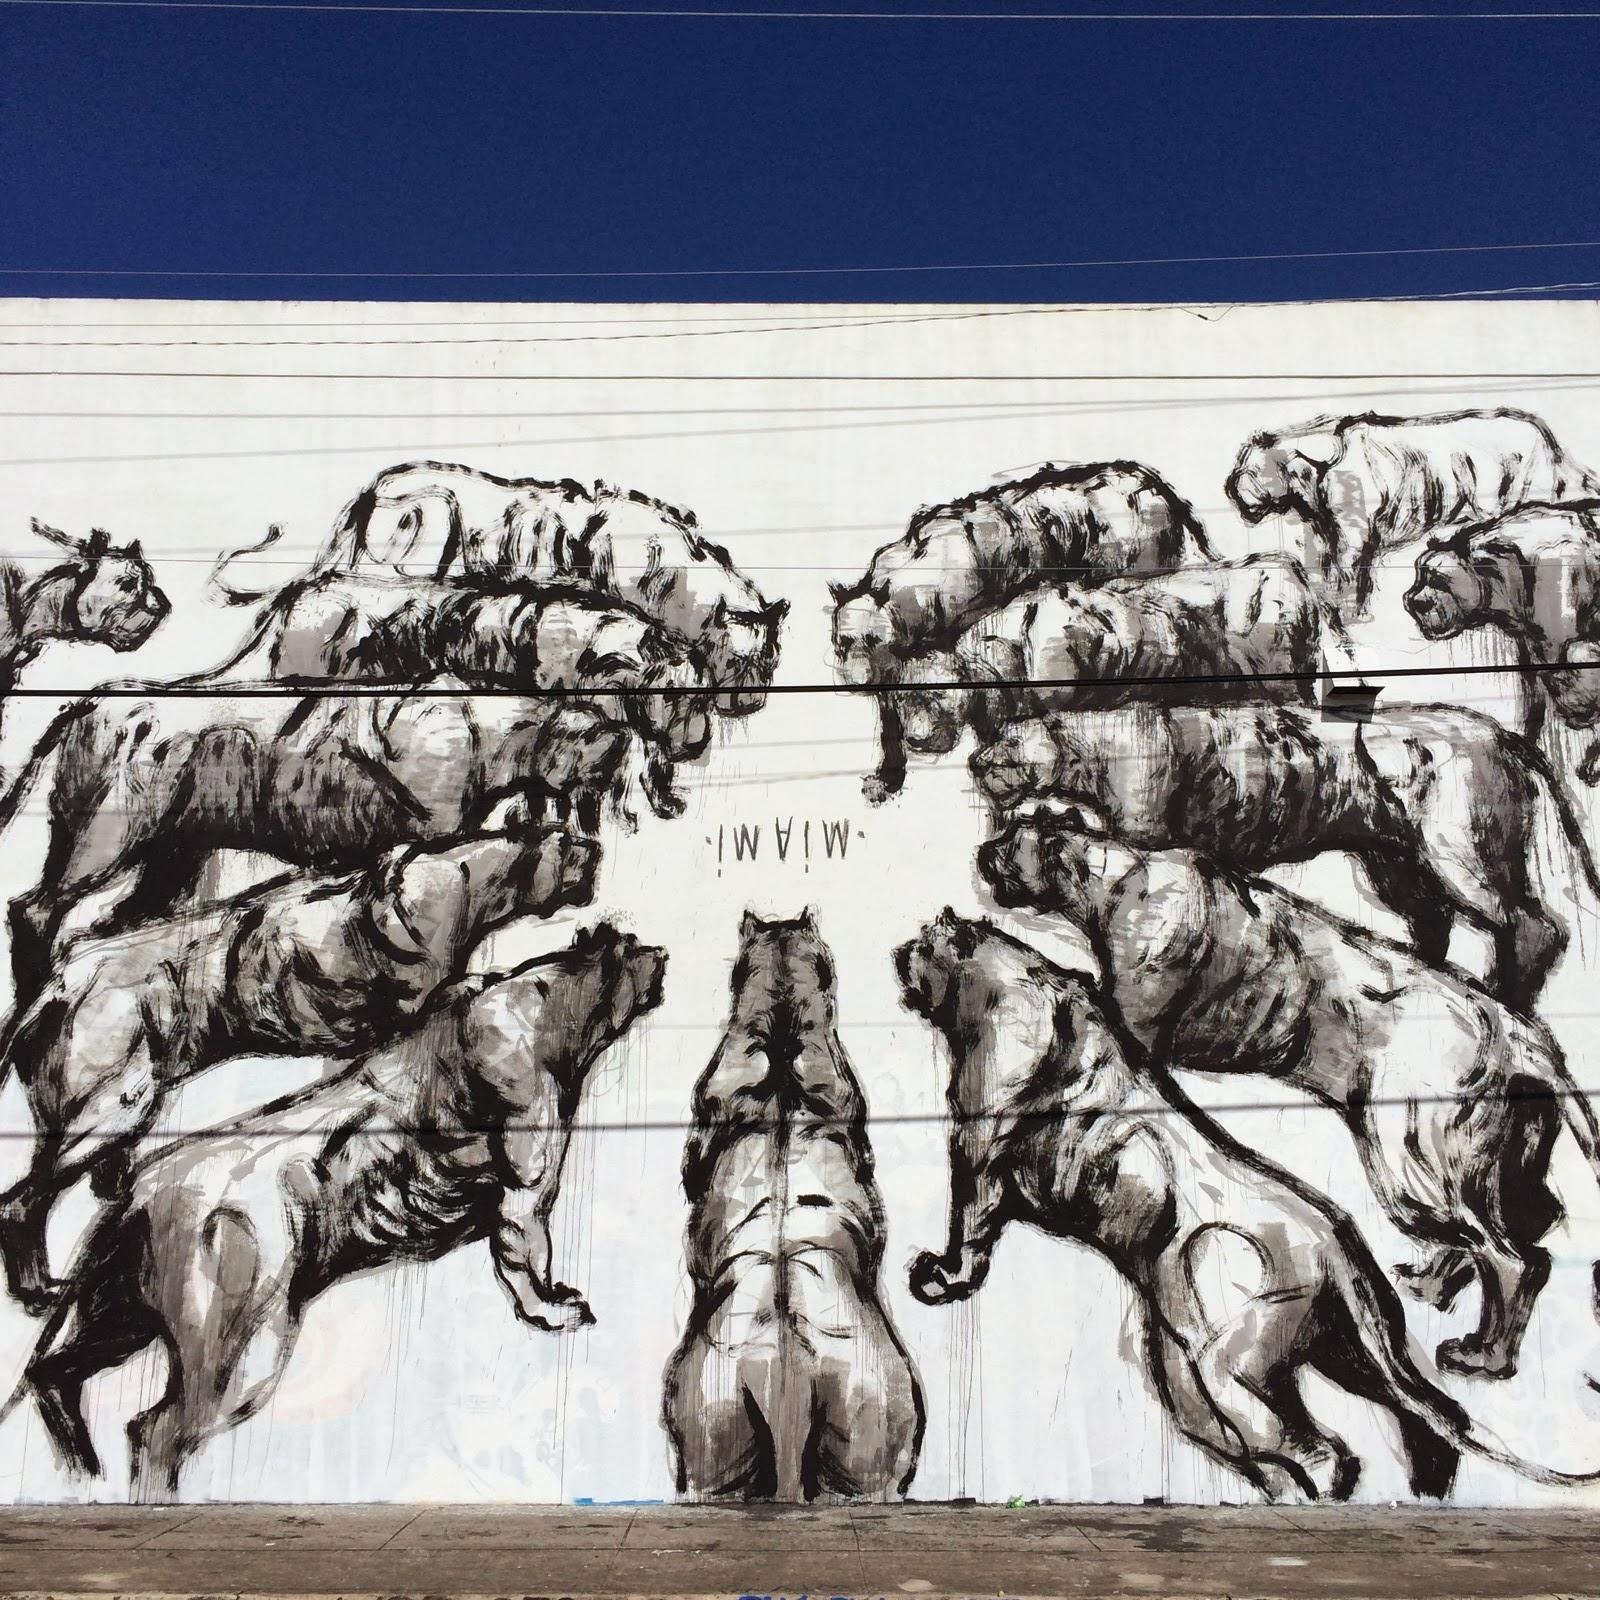 jaz-miami-new-mural-for-art-basel-2013-02